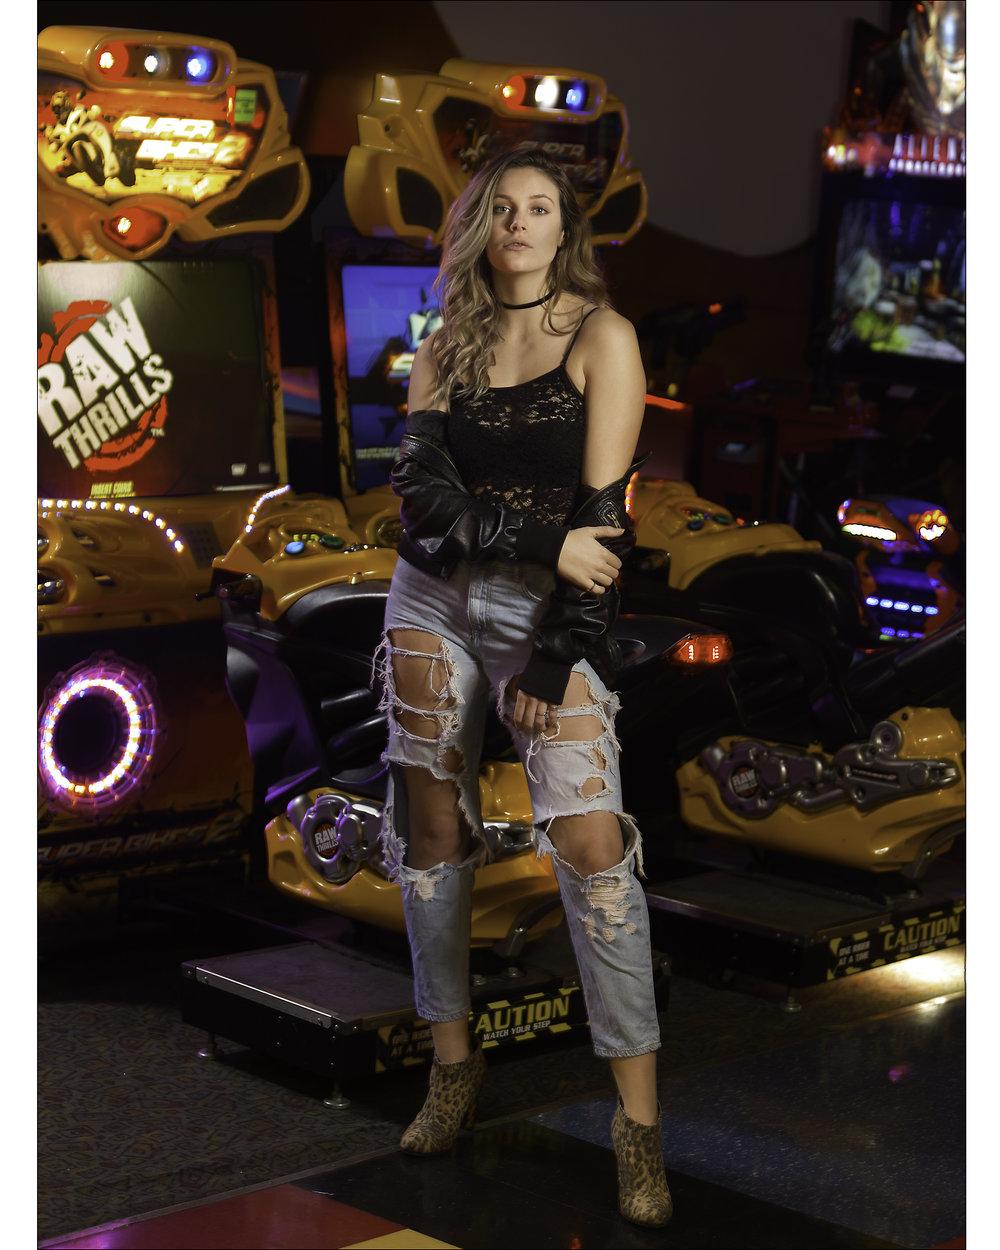 Lang_wendy_arcade_0367.jpg